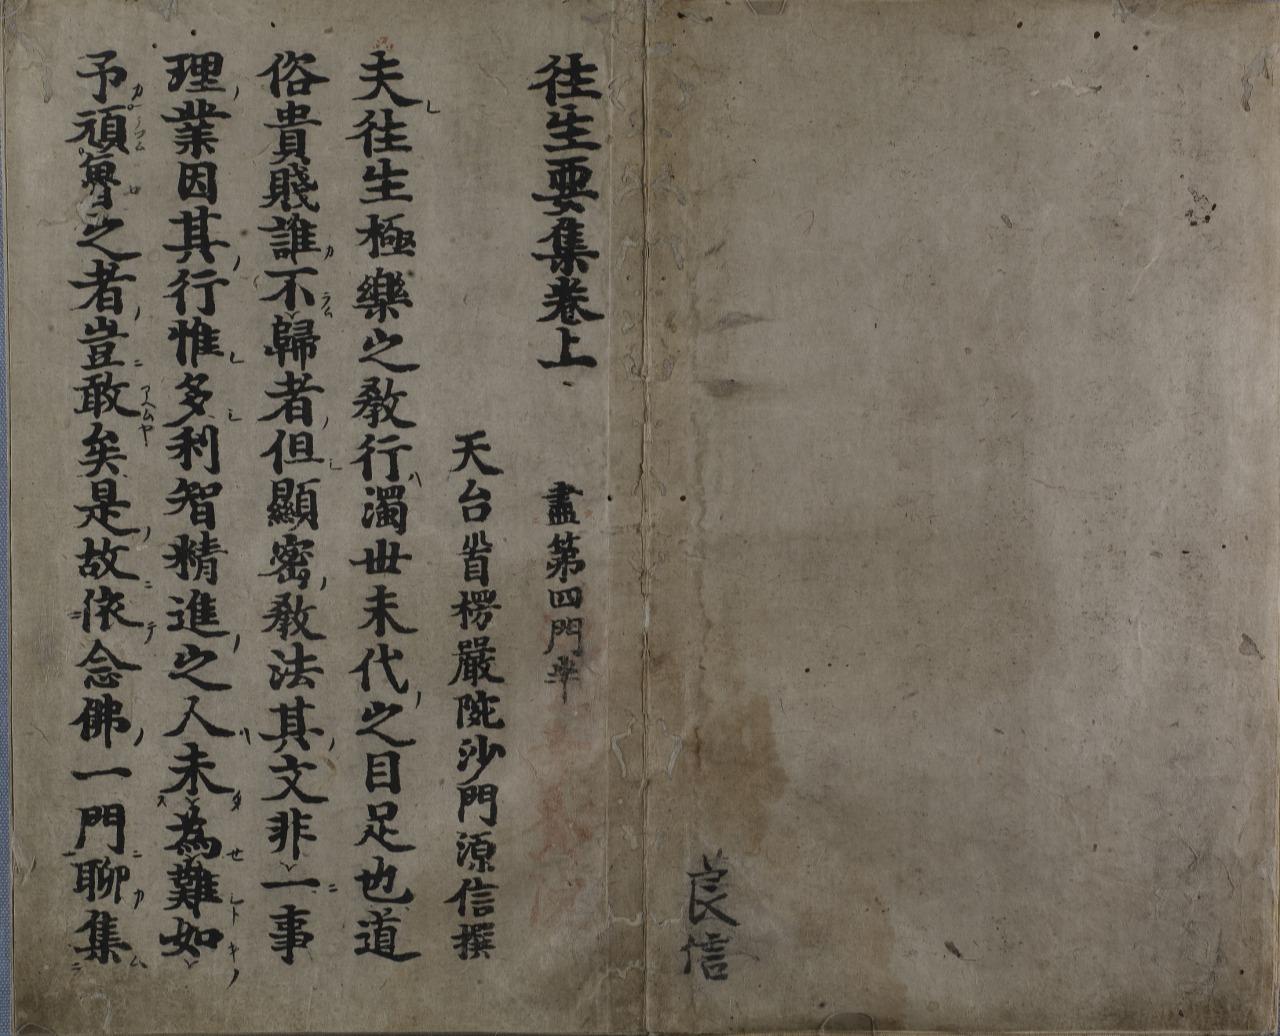 往生要集 源信著 紙本墨摺 6冊 鎌倉時代・建長5年(1253) 龍谷大学図書館蔵